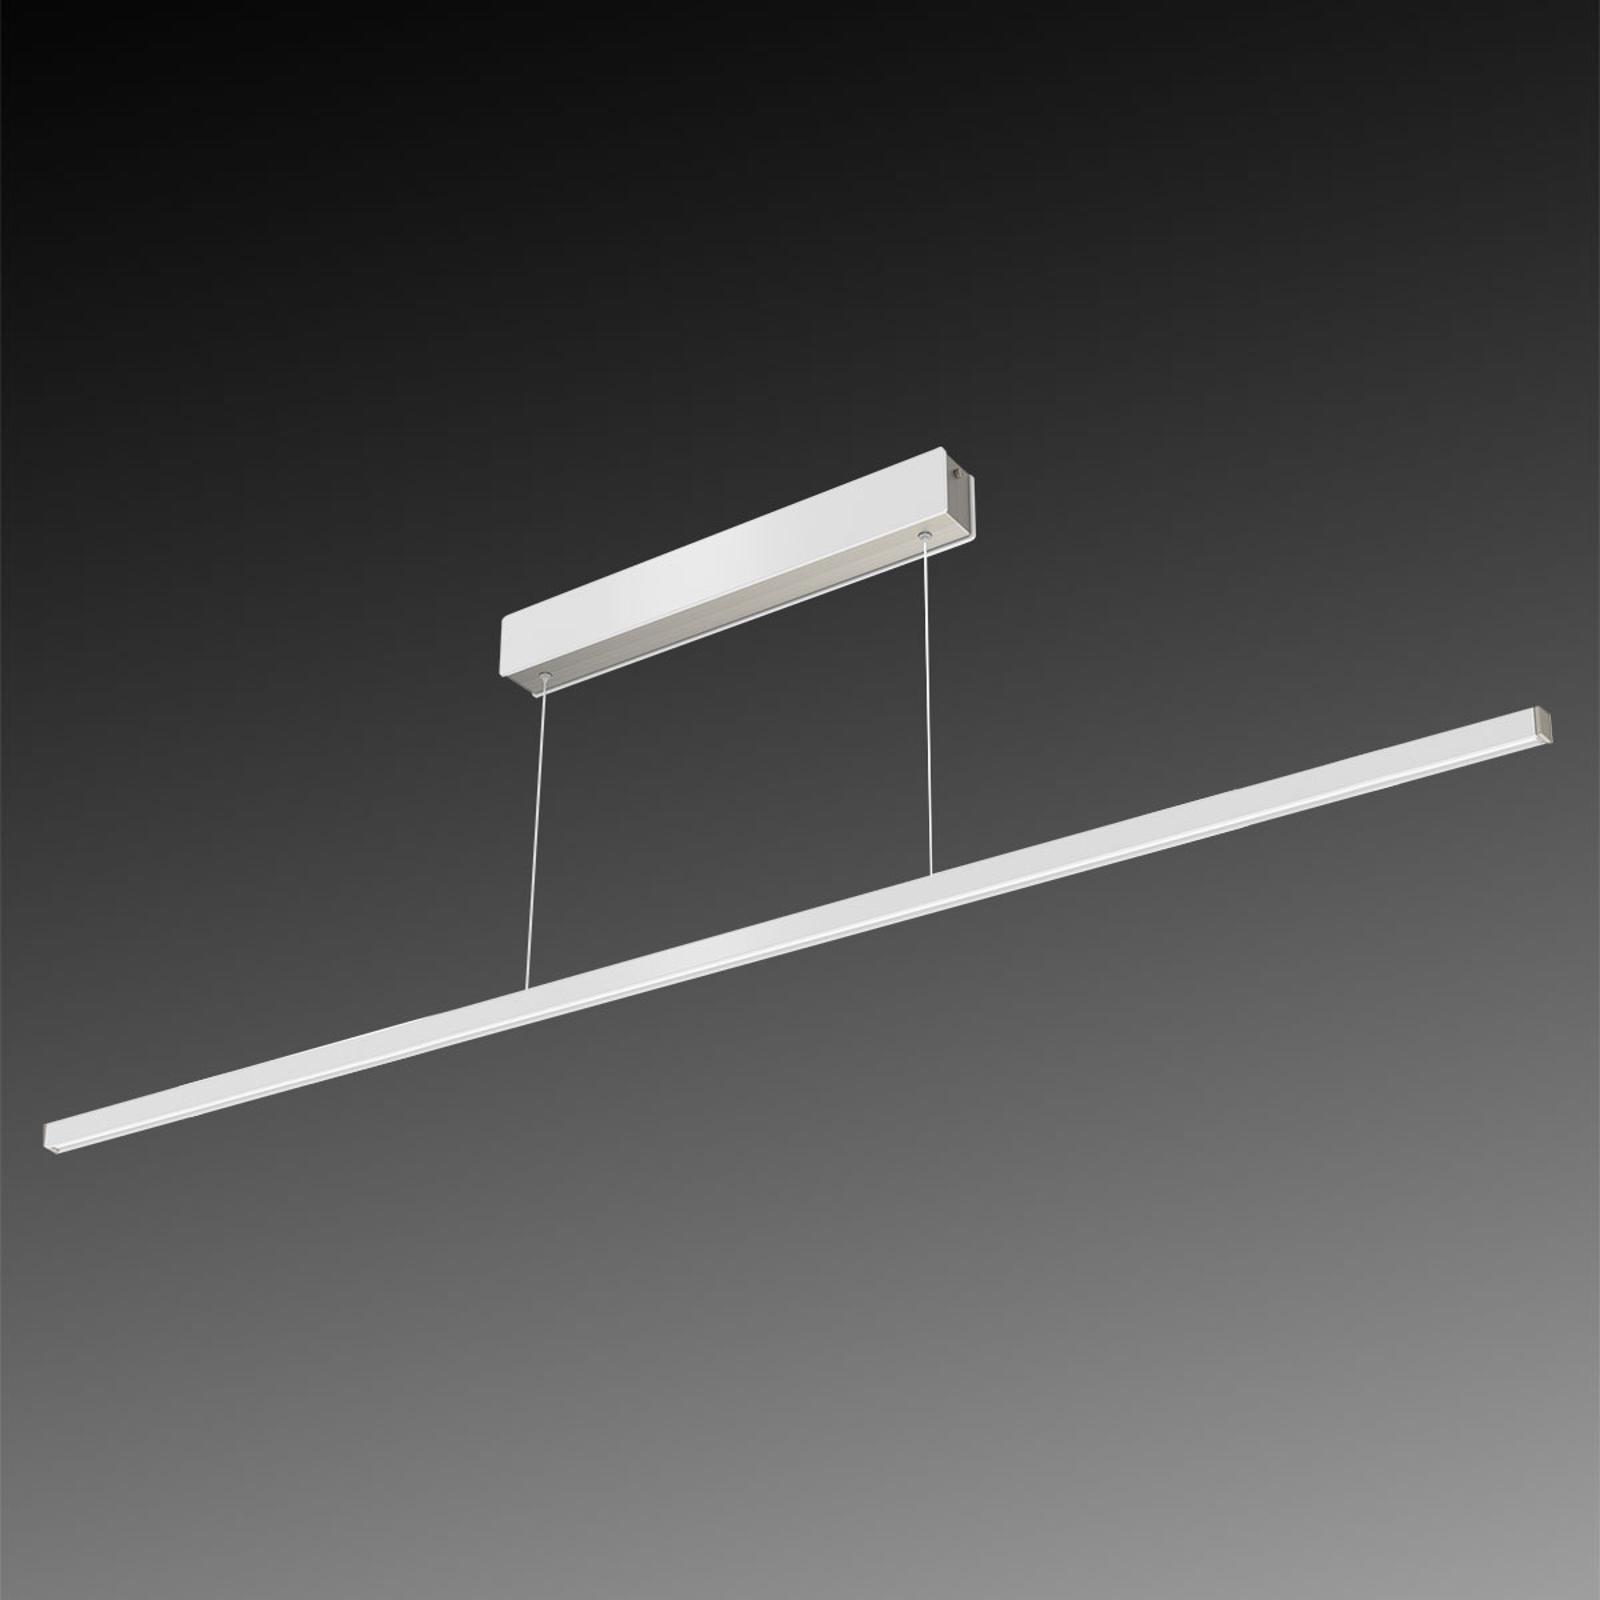 LED hanglamp Orix, wit, 150 cm lengte